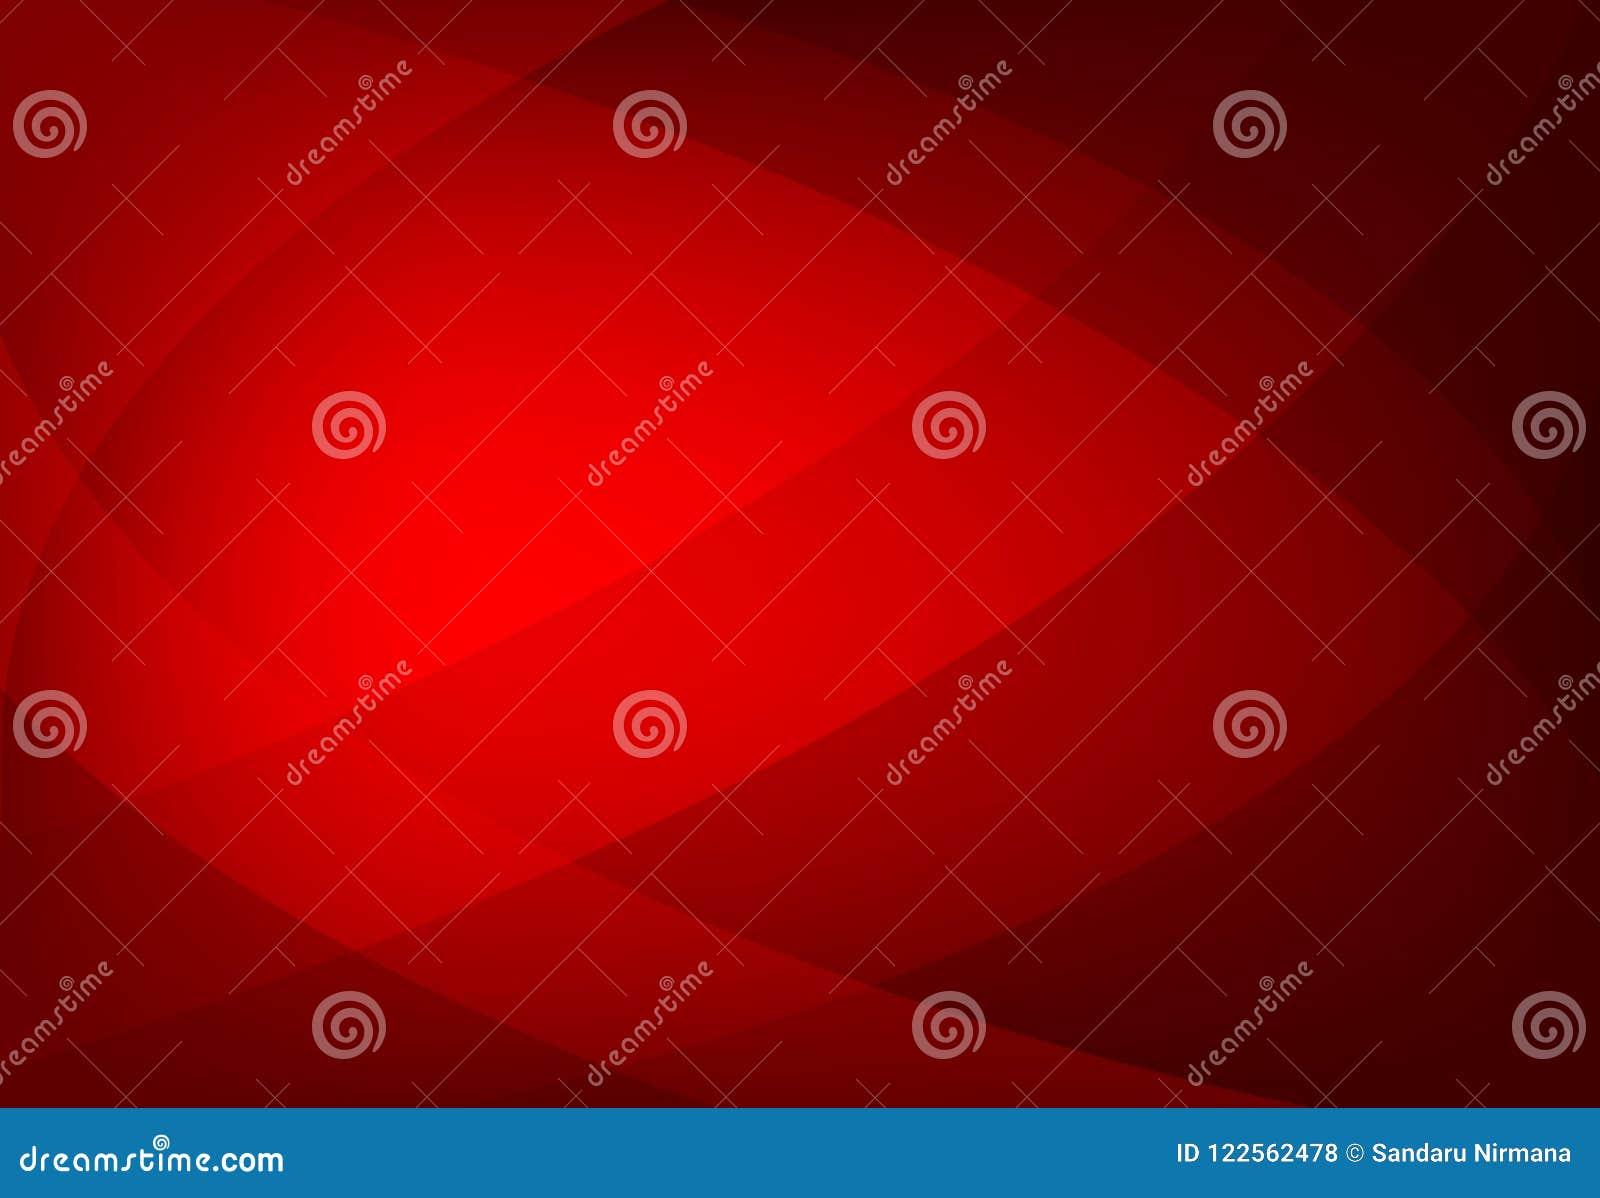 Bakgrund för röd färg för vektor abstrakt geometrisk krabb, tapet för någon design